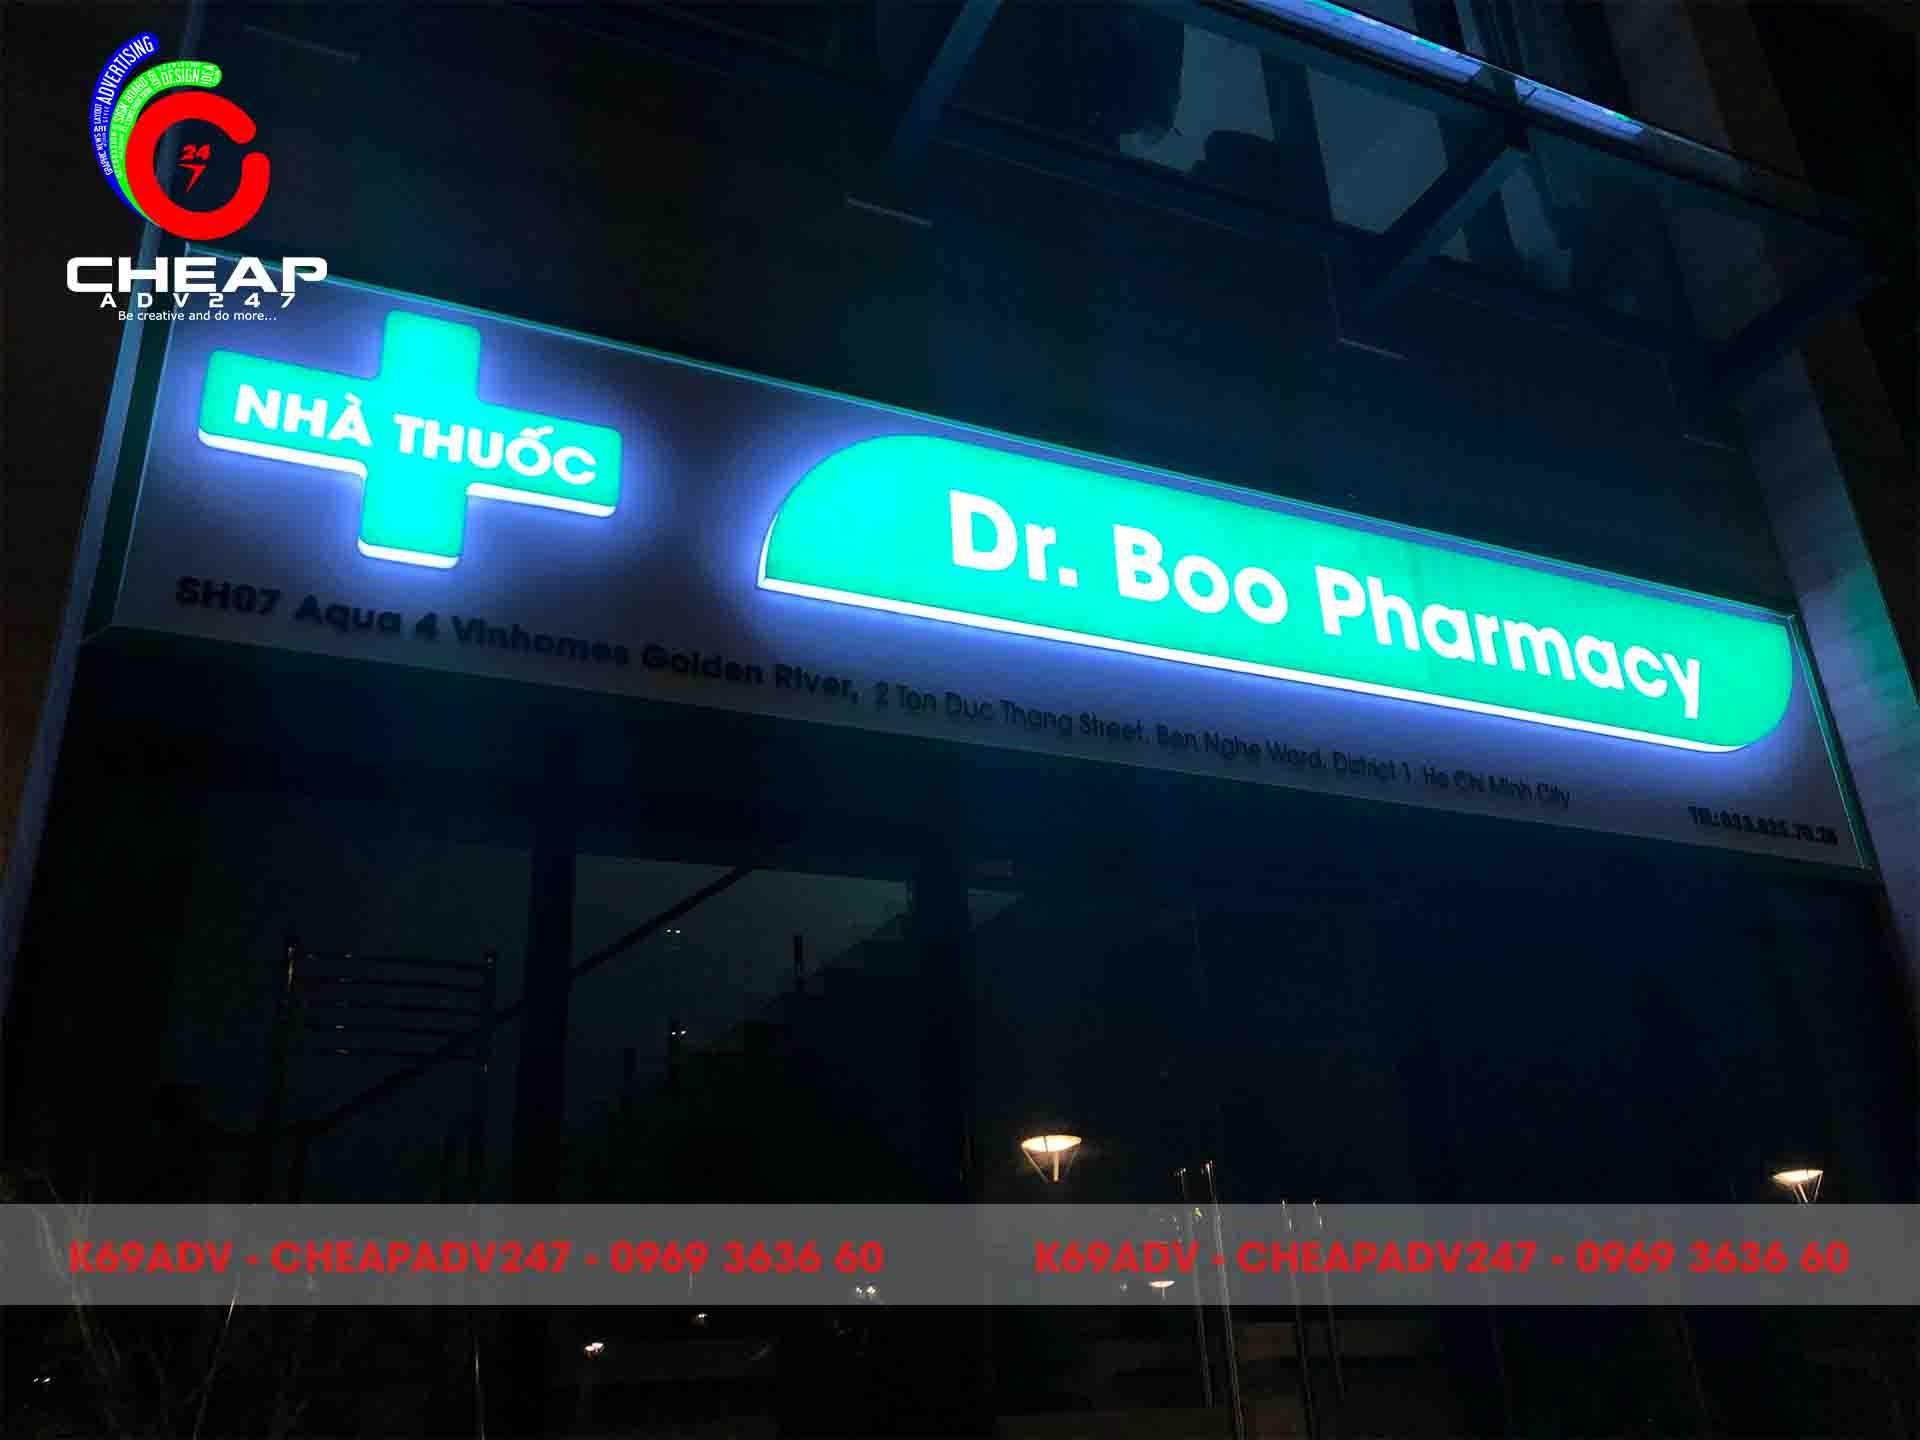 Mẫu biển hiệu nhà thuốc do Cheapadv247 thi công